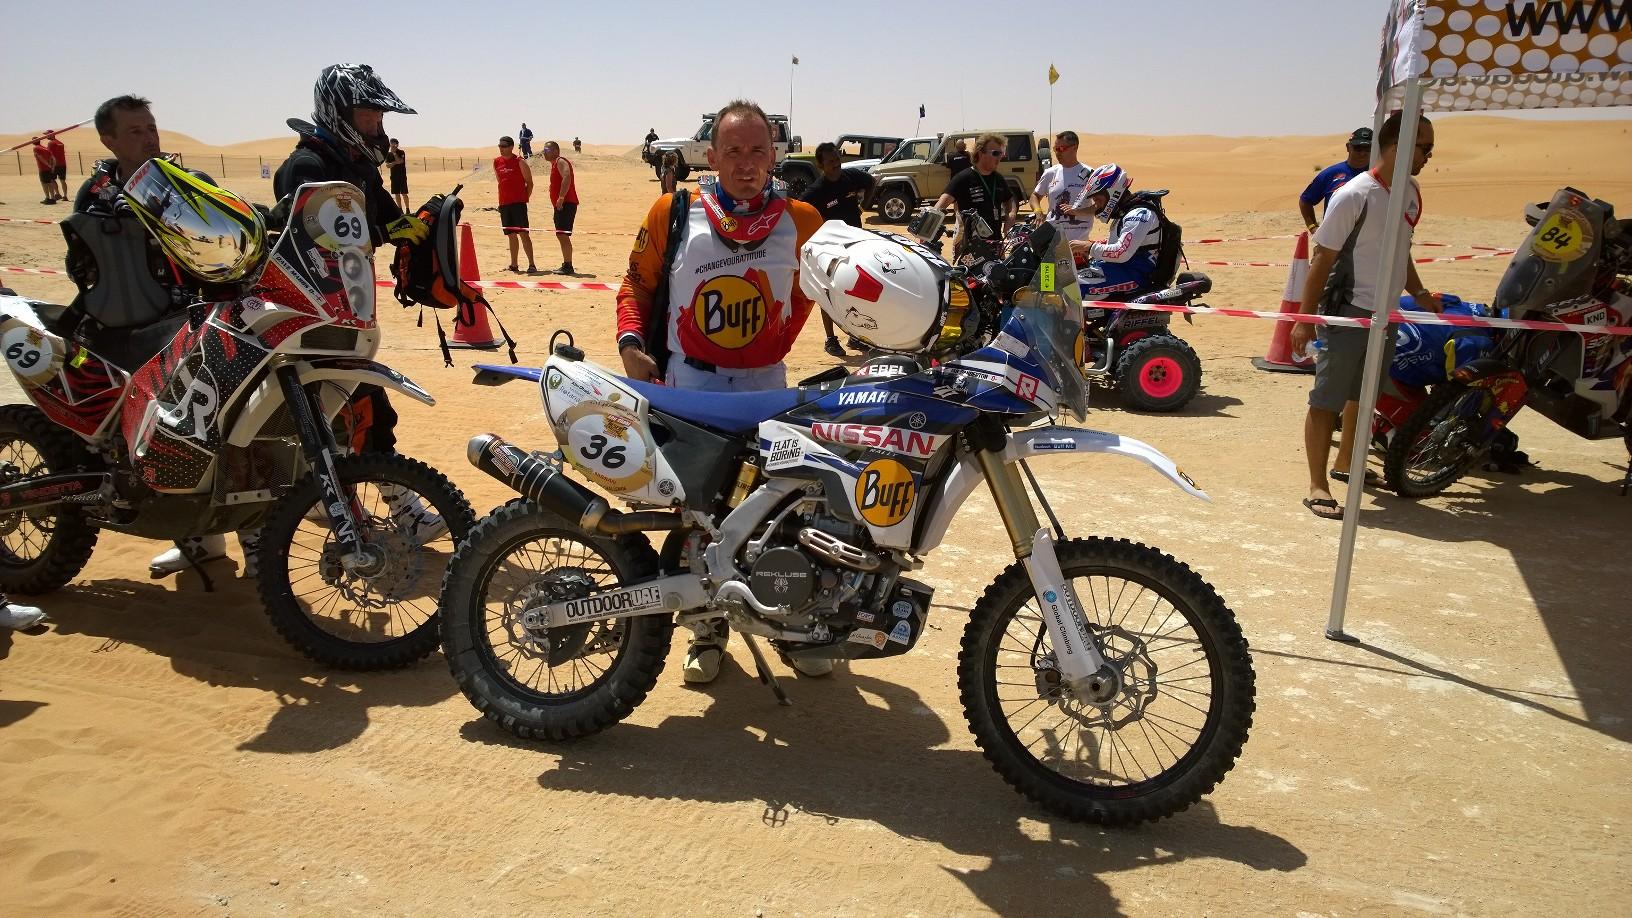 Abu Dhabi Desert Challenge 2015 Yamaha WR450F Rally 5